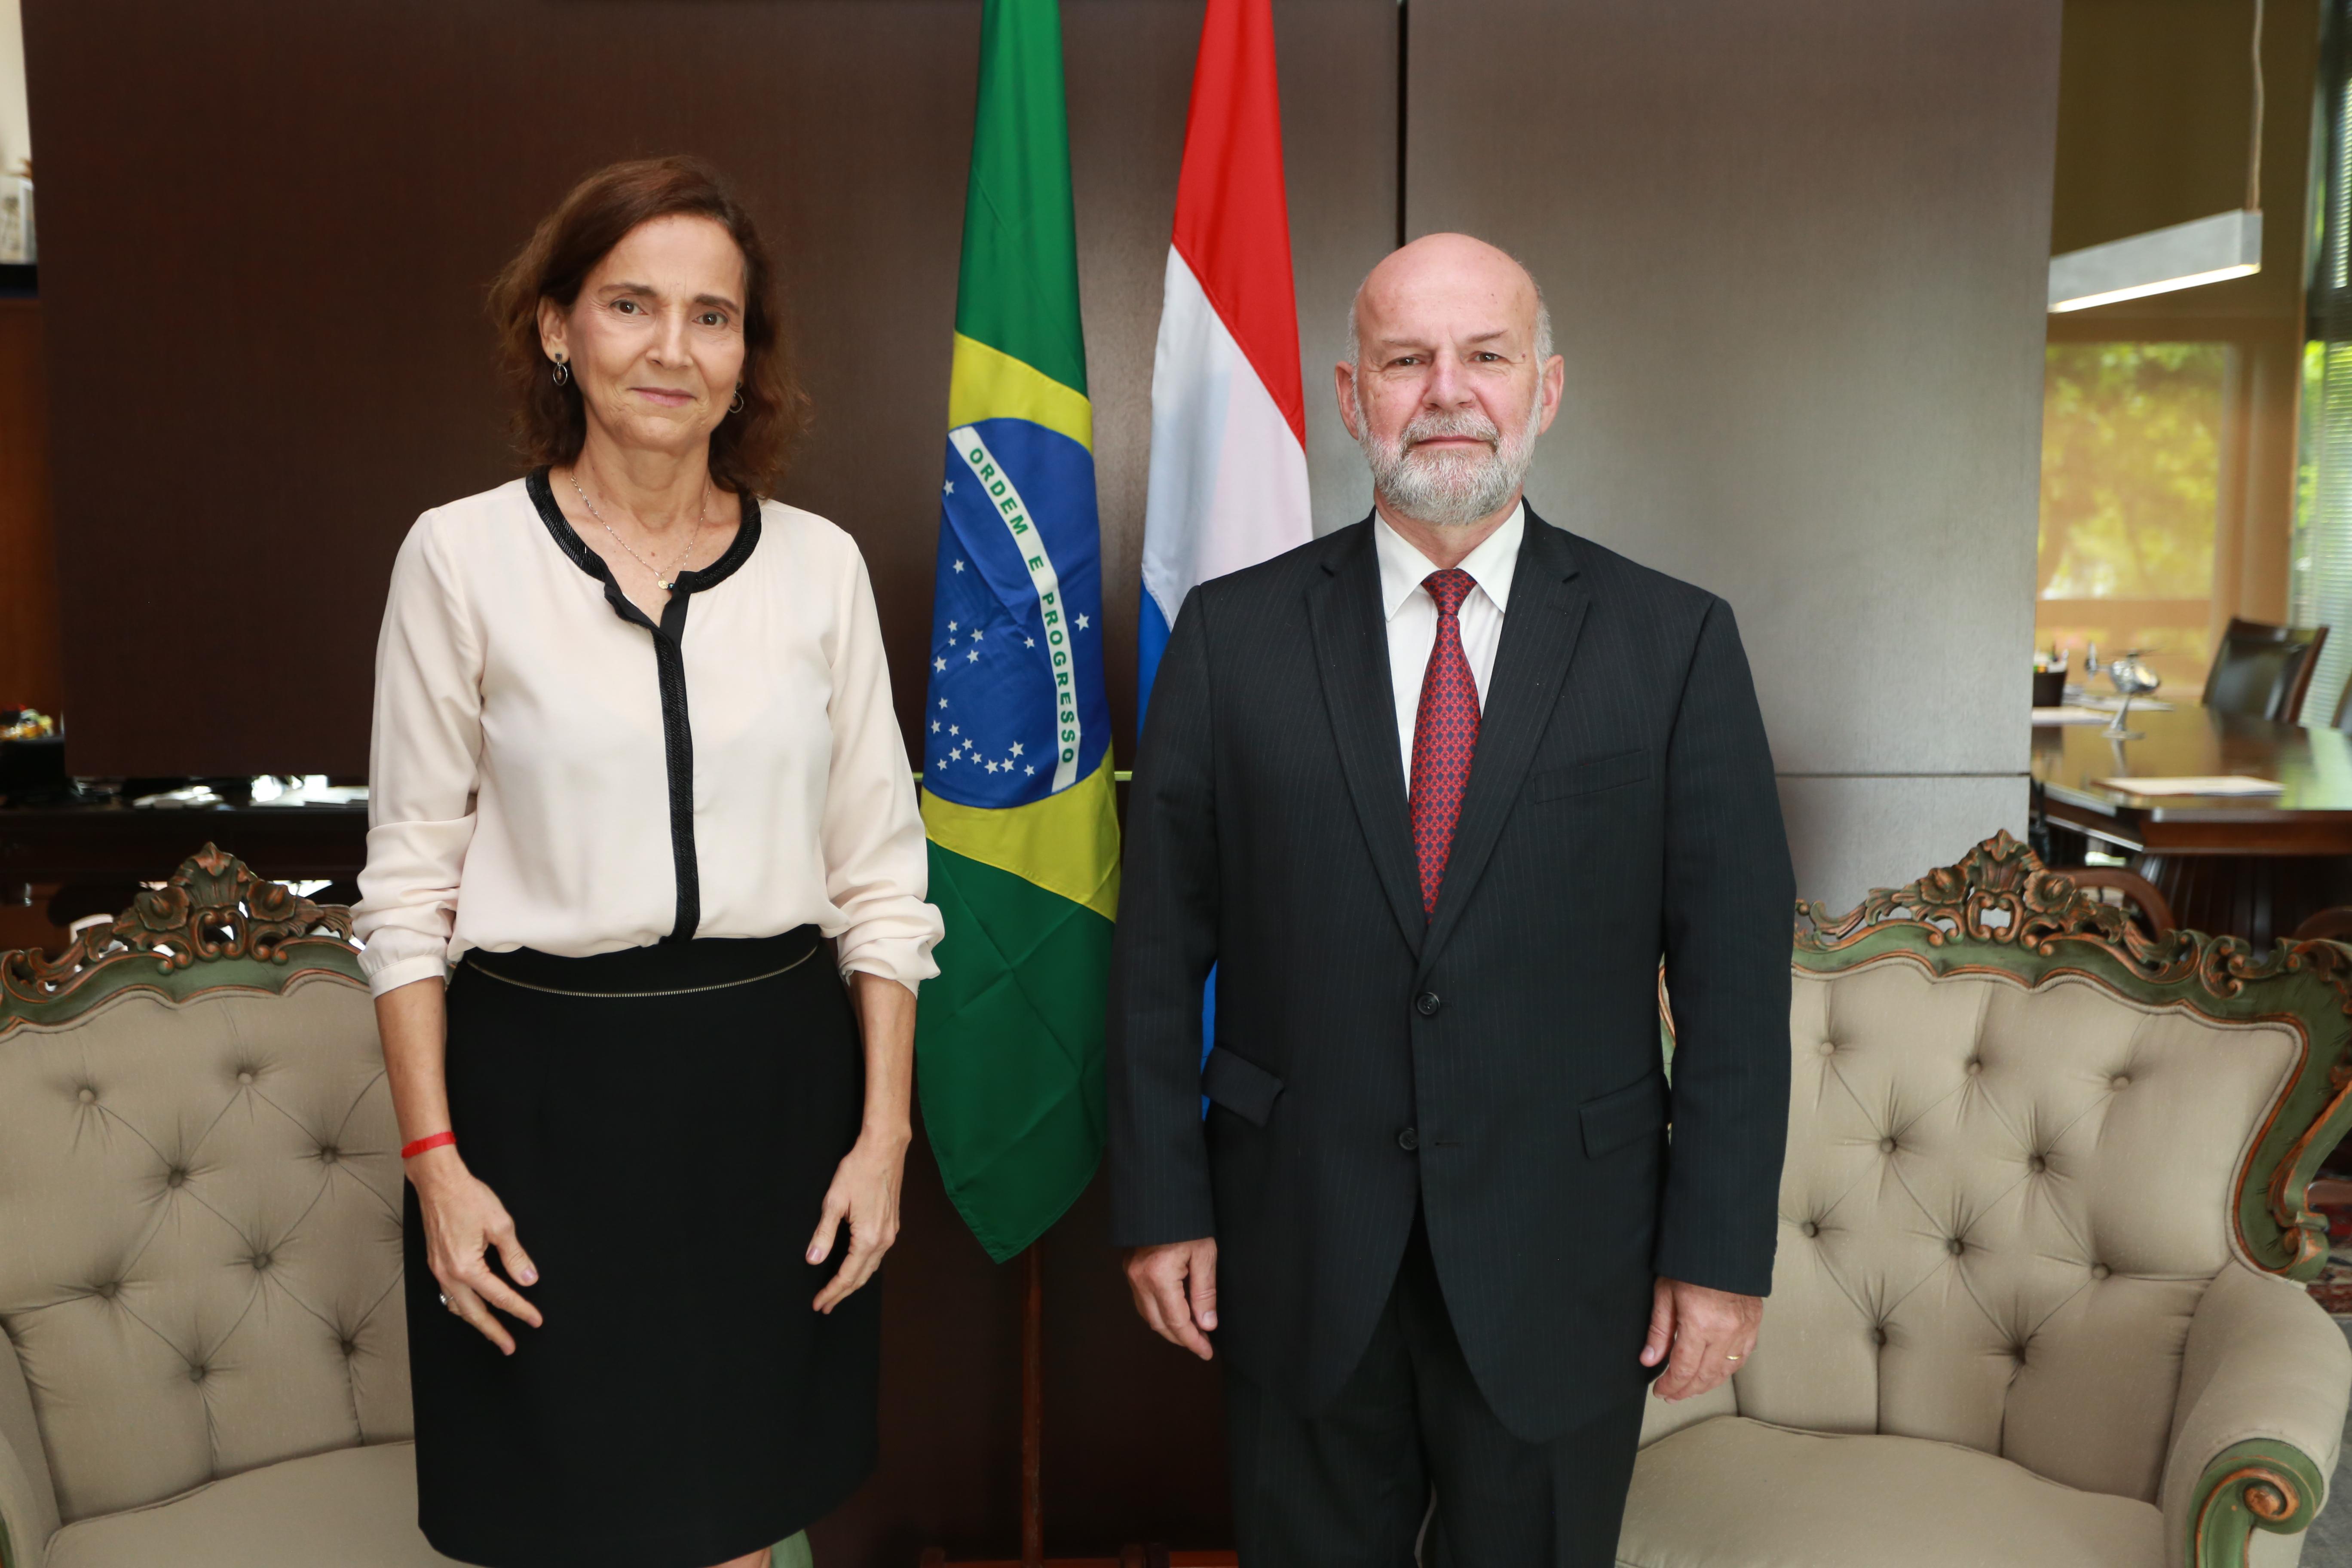 Governo do Ceará recebe visita oficial do embaixador de Luxemburgo